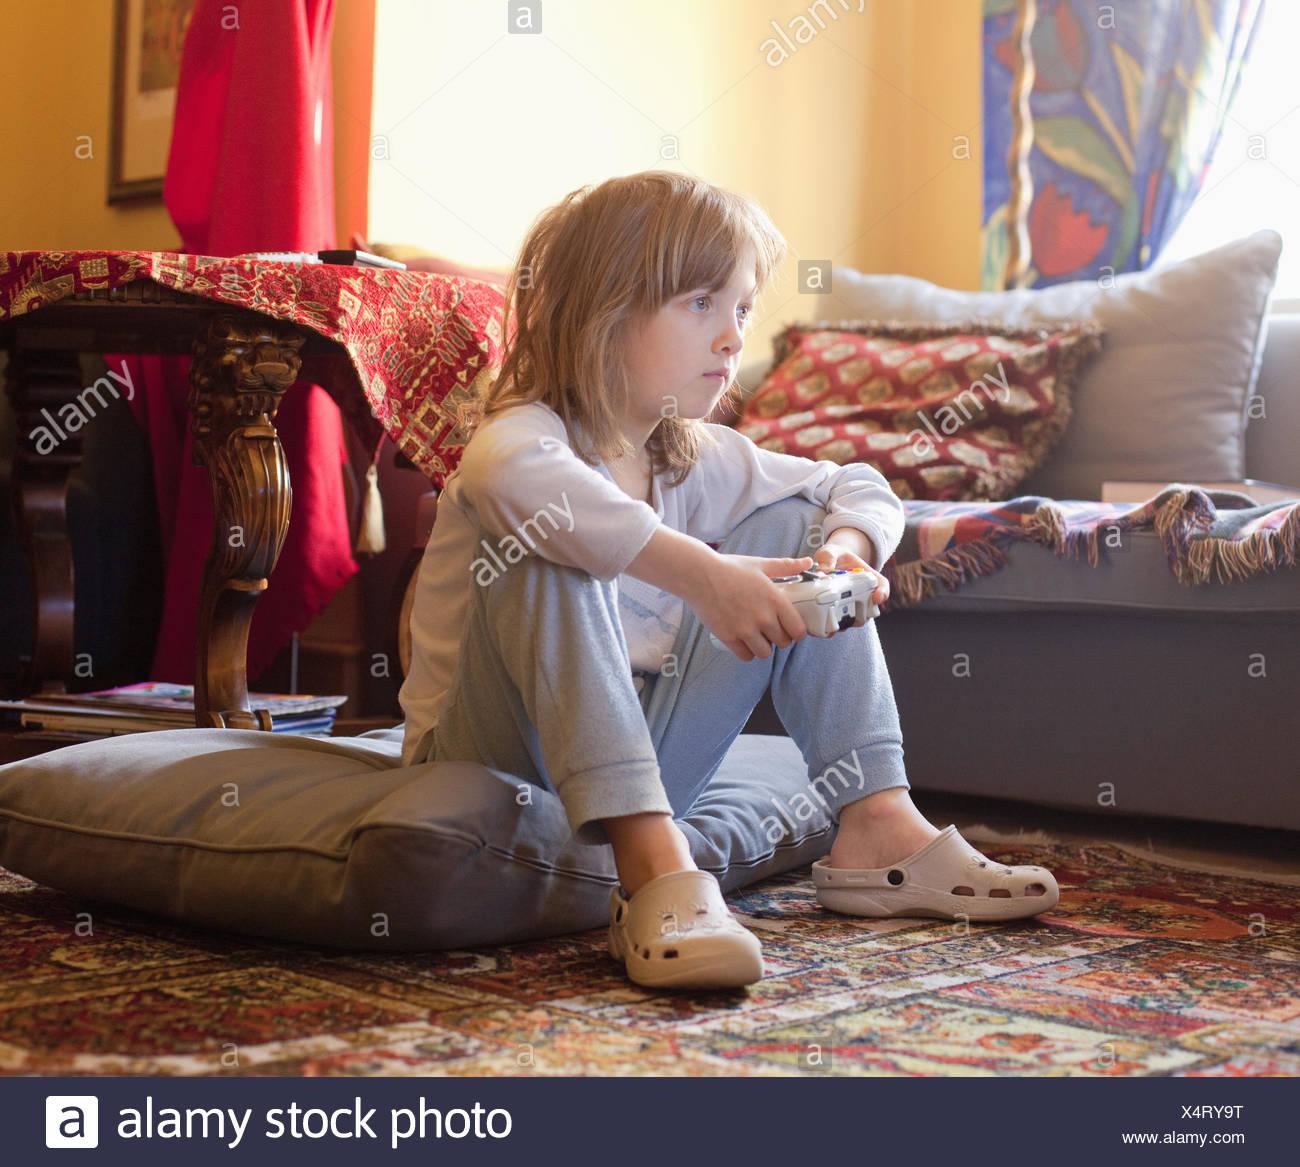 Junge spielt Konsole Spiel auf dem Boden sitzen. Stockfoto